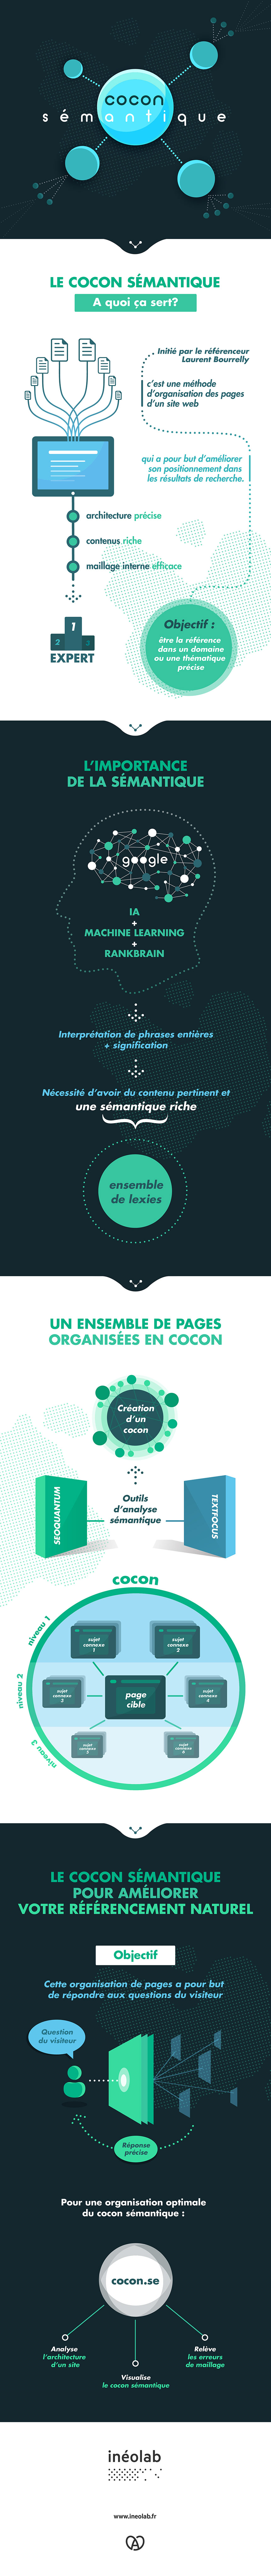 Cocon sémantique et SEO en une infographie